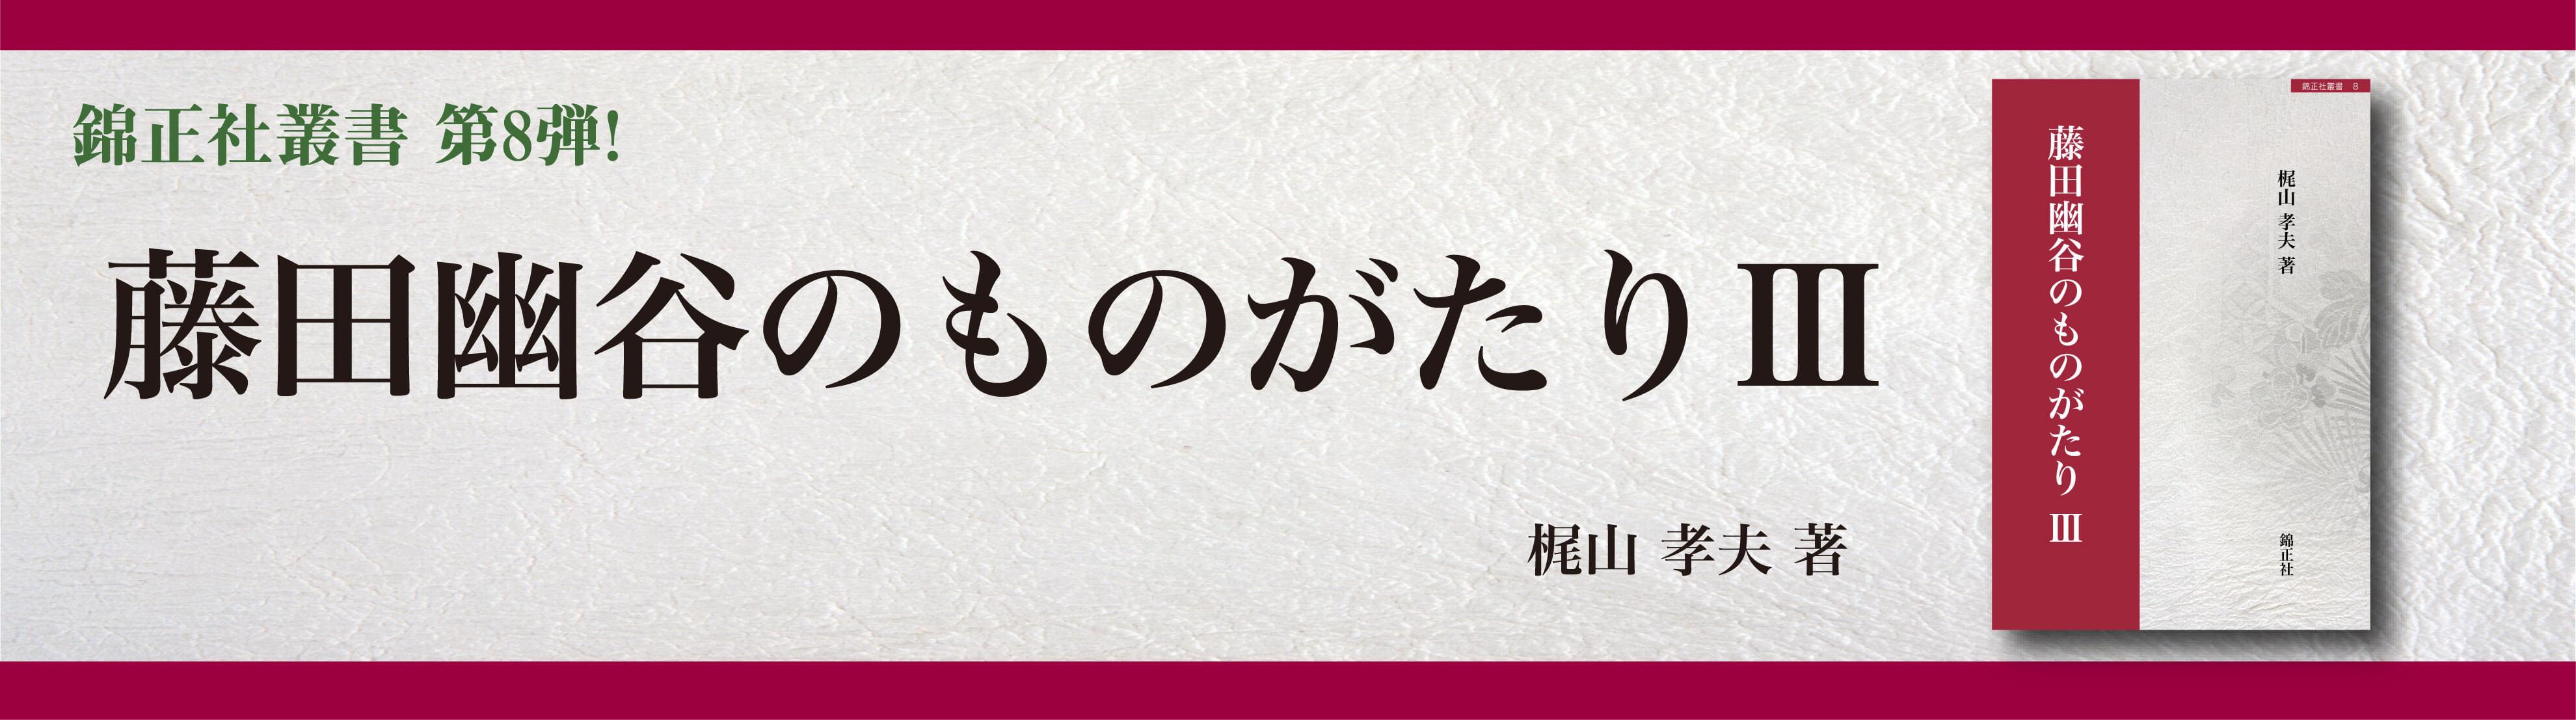 藤田幽谷のものがたりⅢ